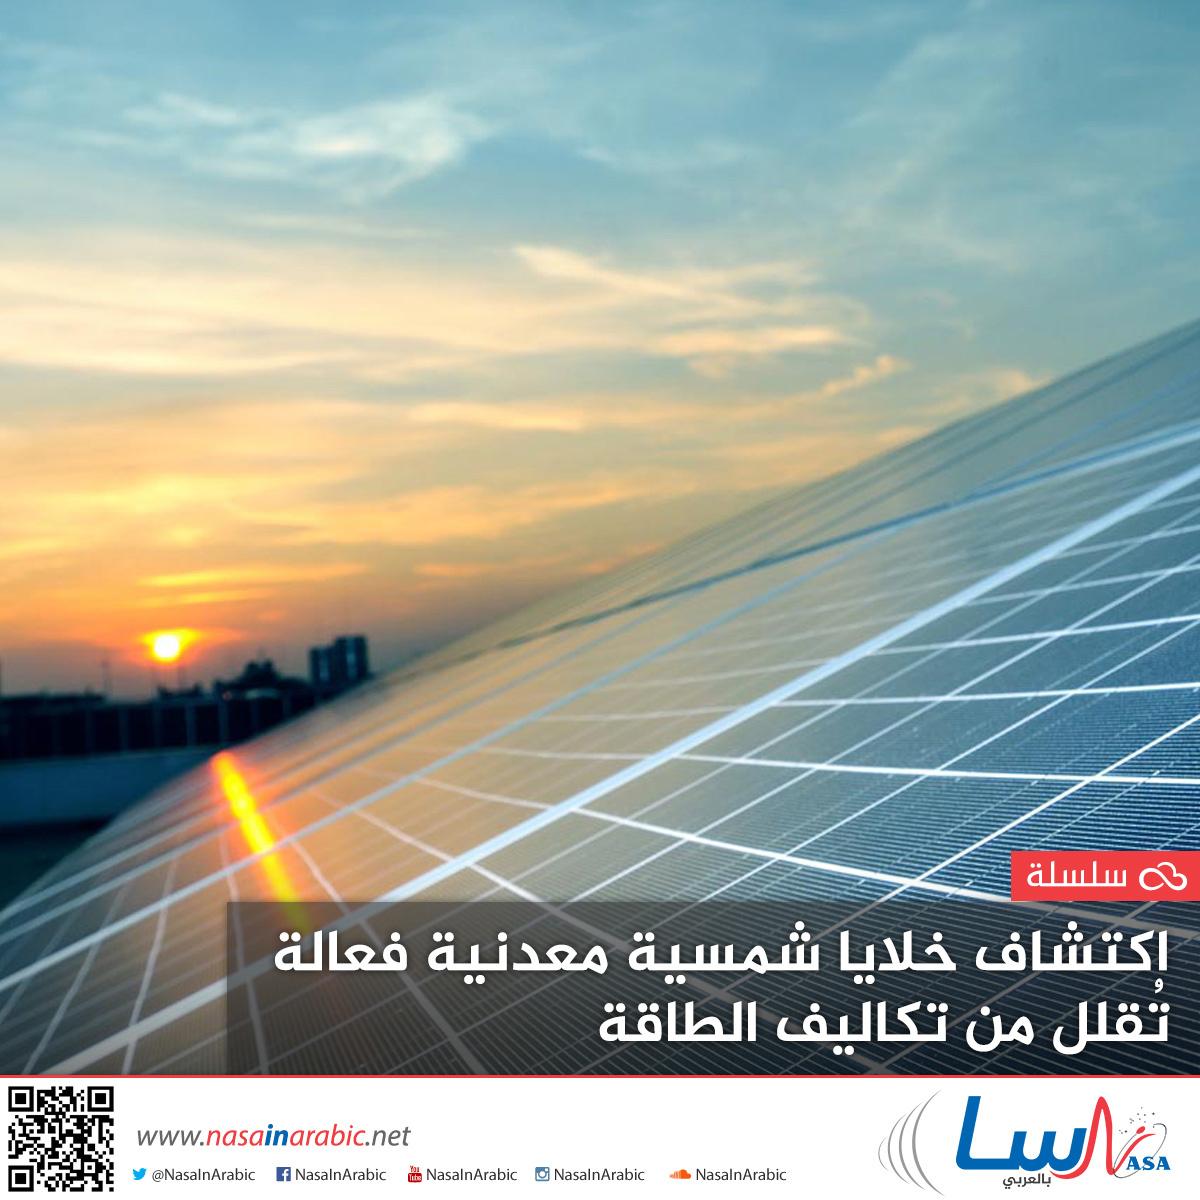 اكتشاف خلايا شمسية معدنية فعالة تُقلل من تكاليف الطاقة